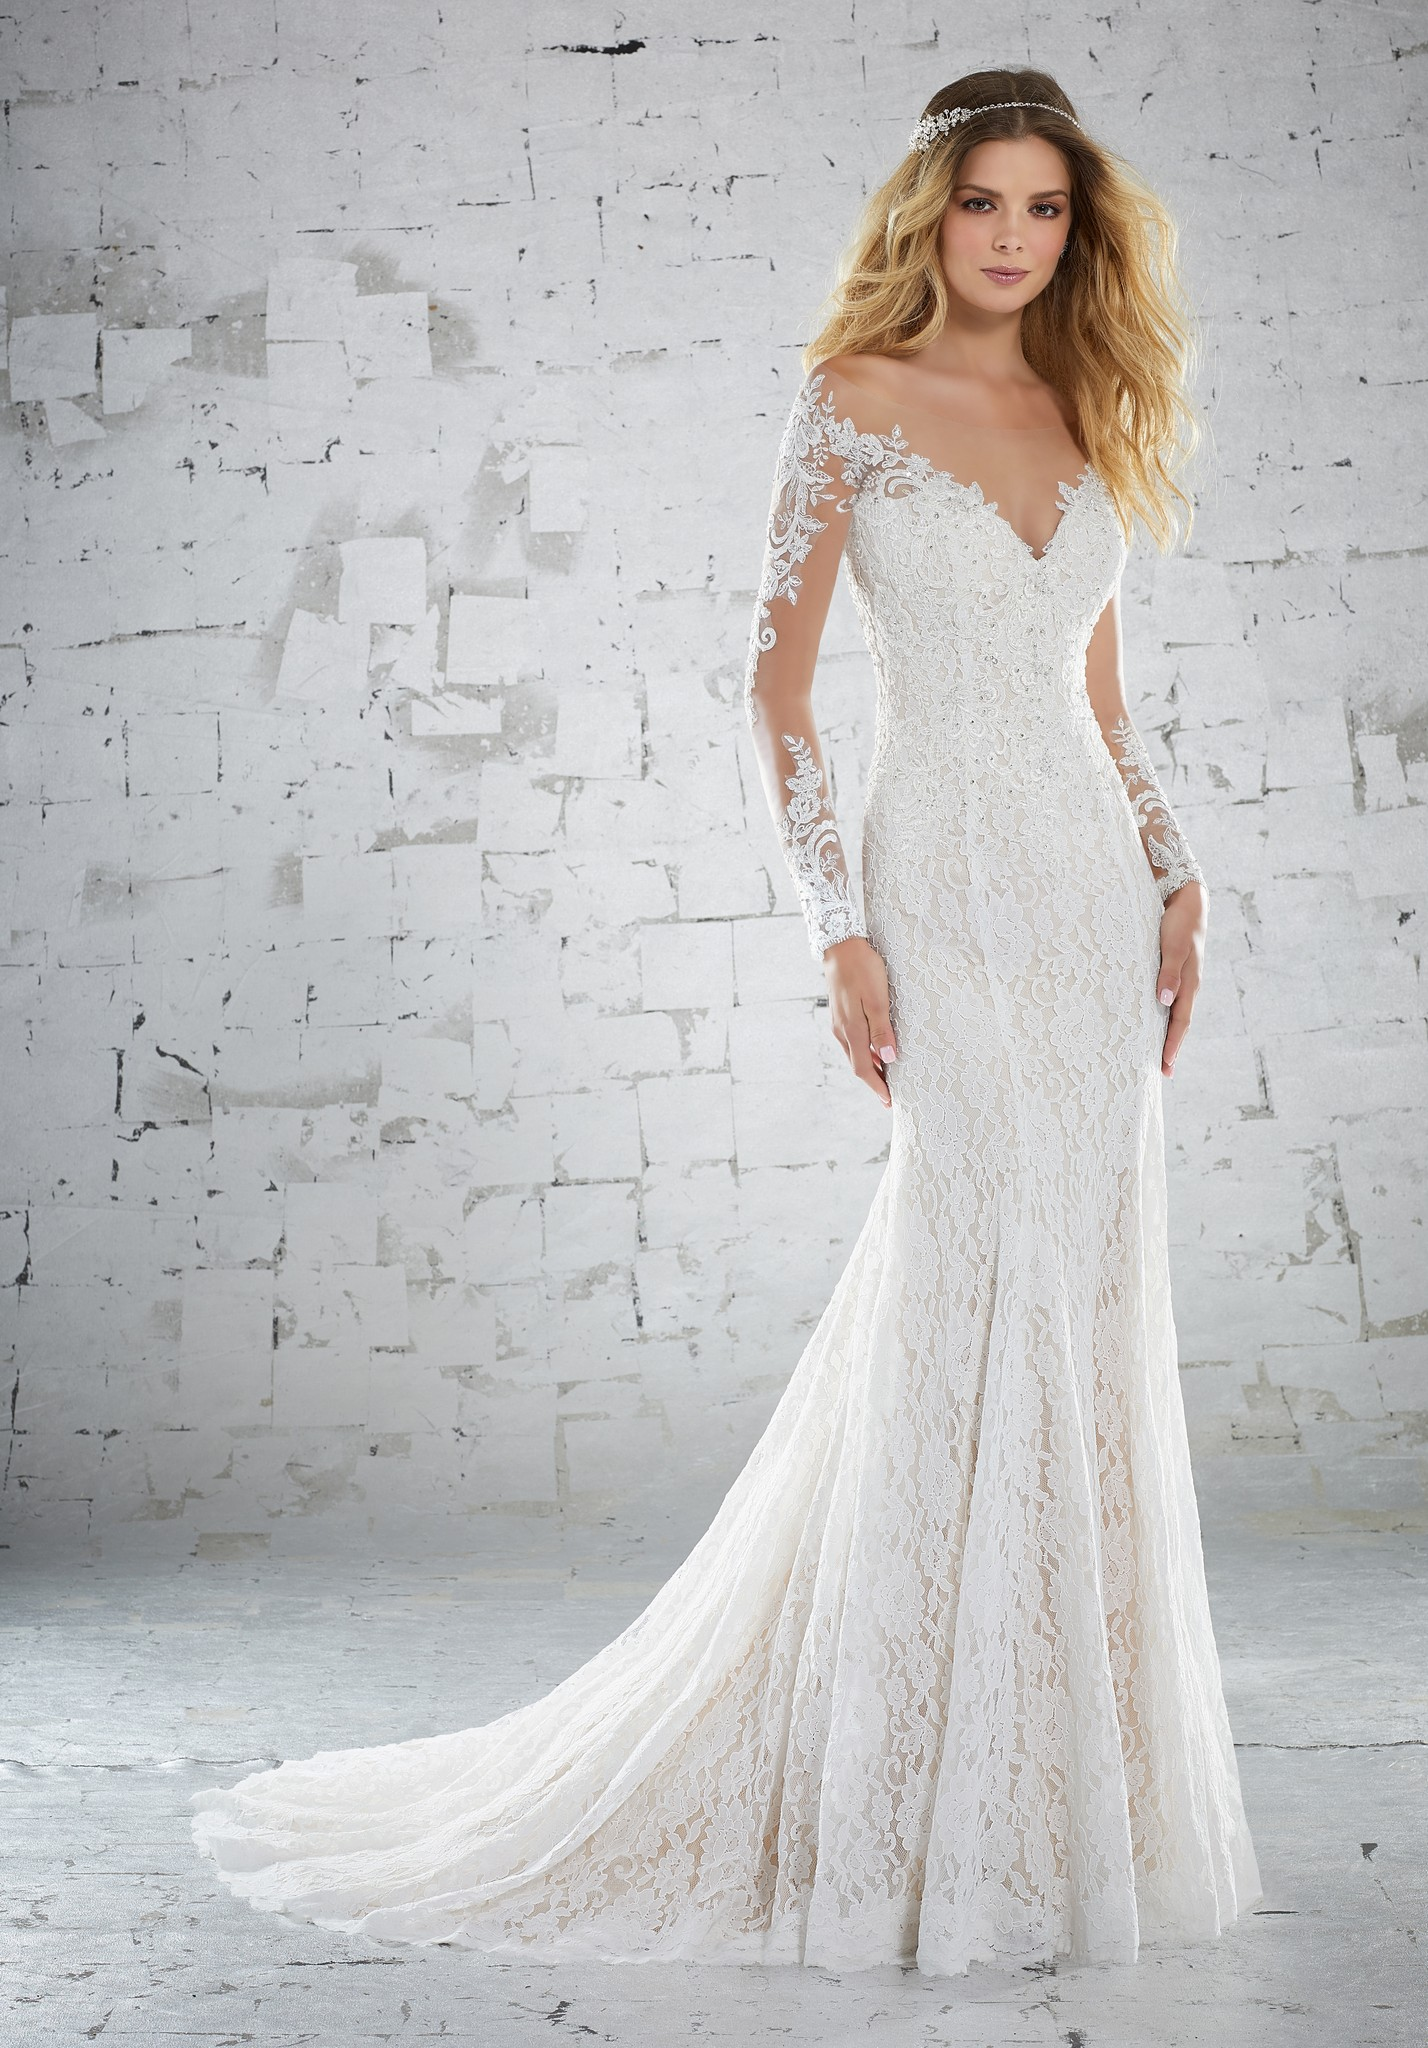 plus size destination wedding dresses photo - 1